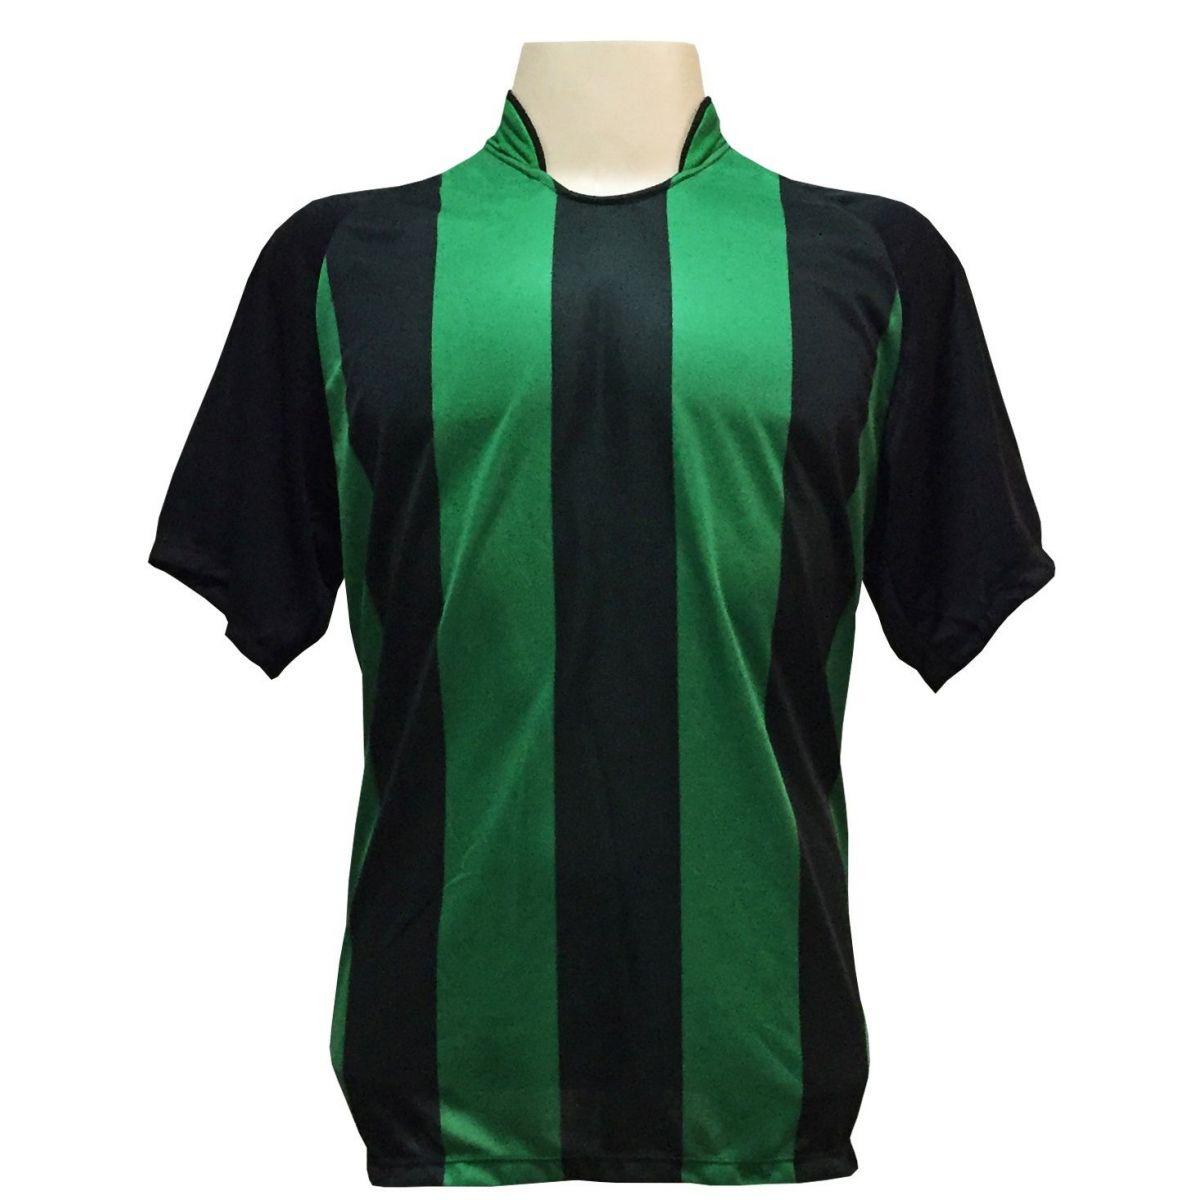 Uniforme Esportivo com 18 camisas modelo Milan Preto/Verde + 18 calções modelo Madrid Preto